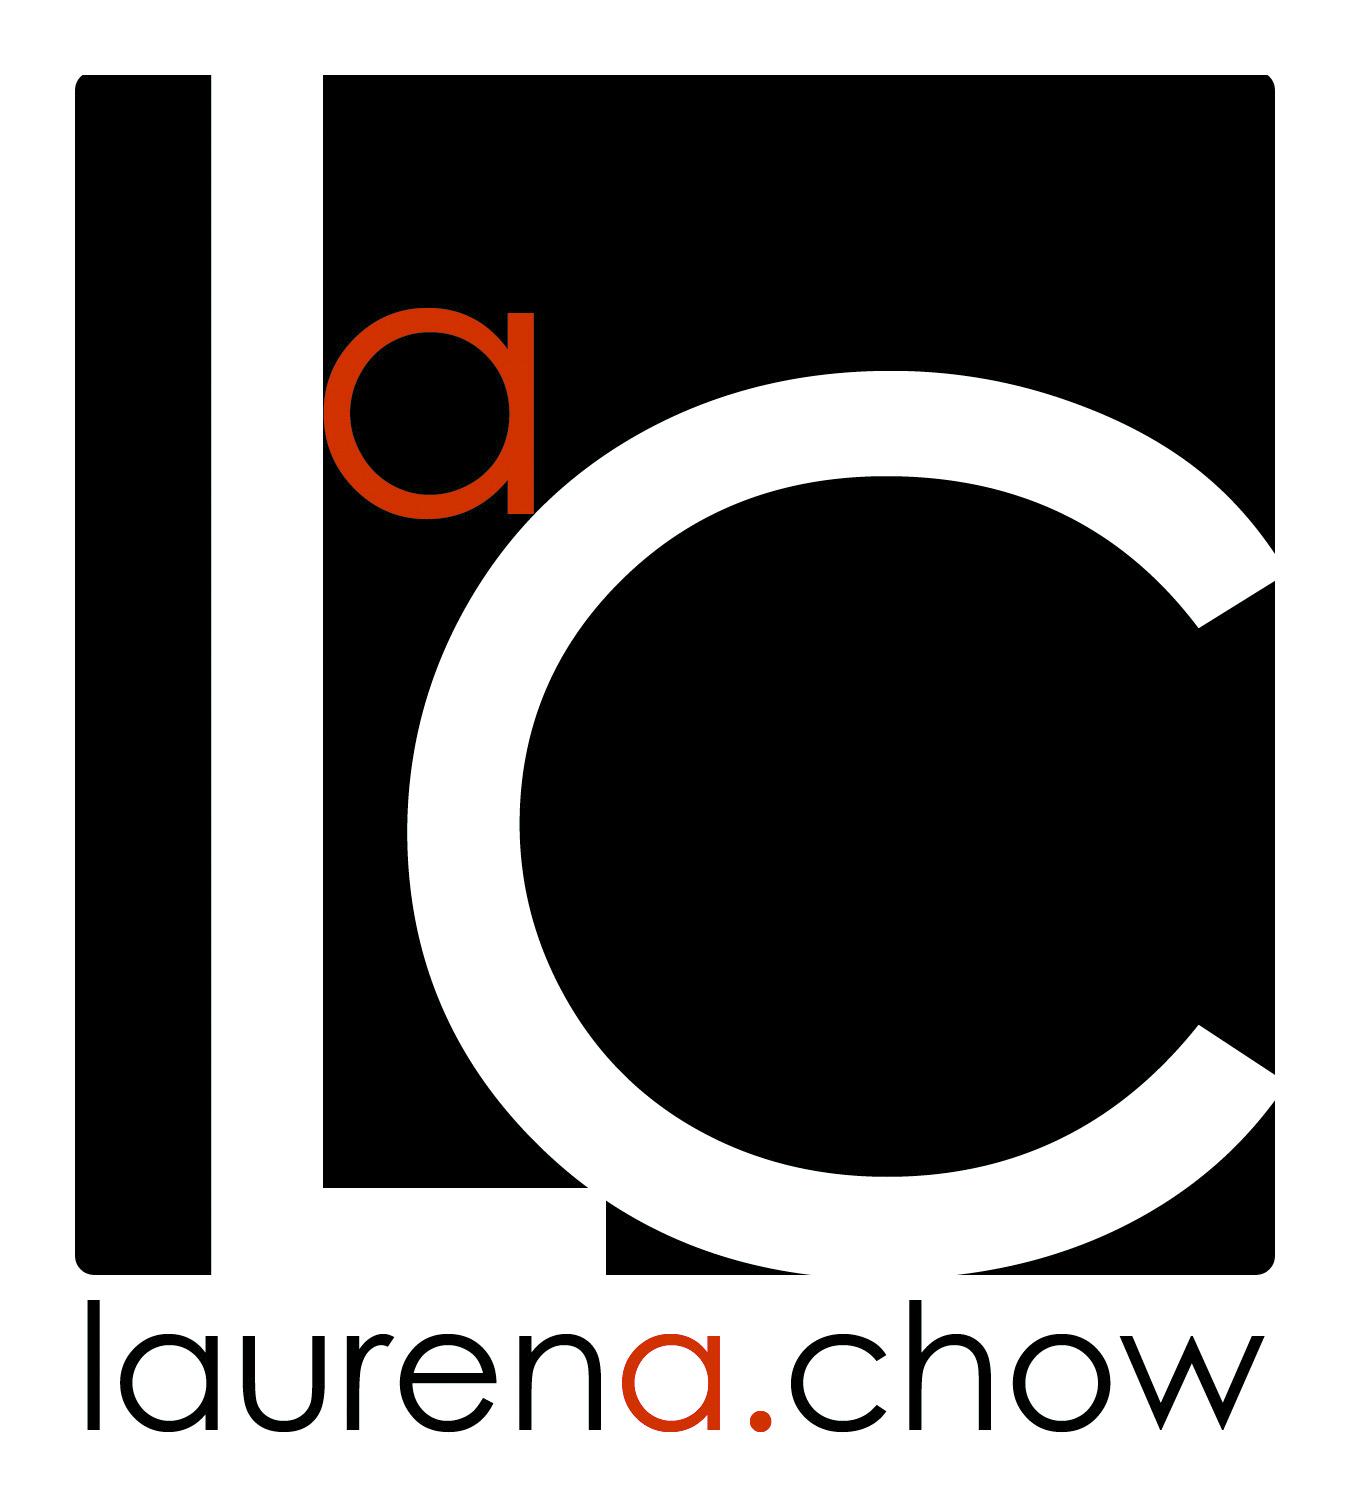 Lauren Chow.jpg